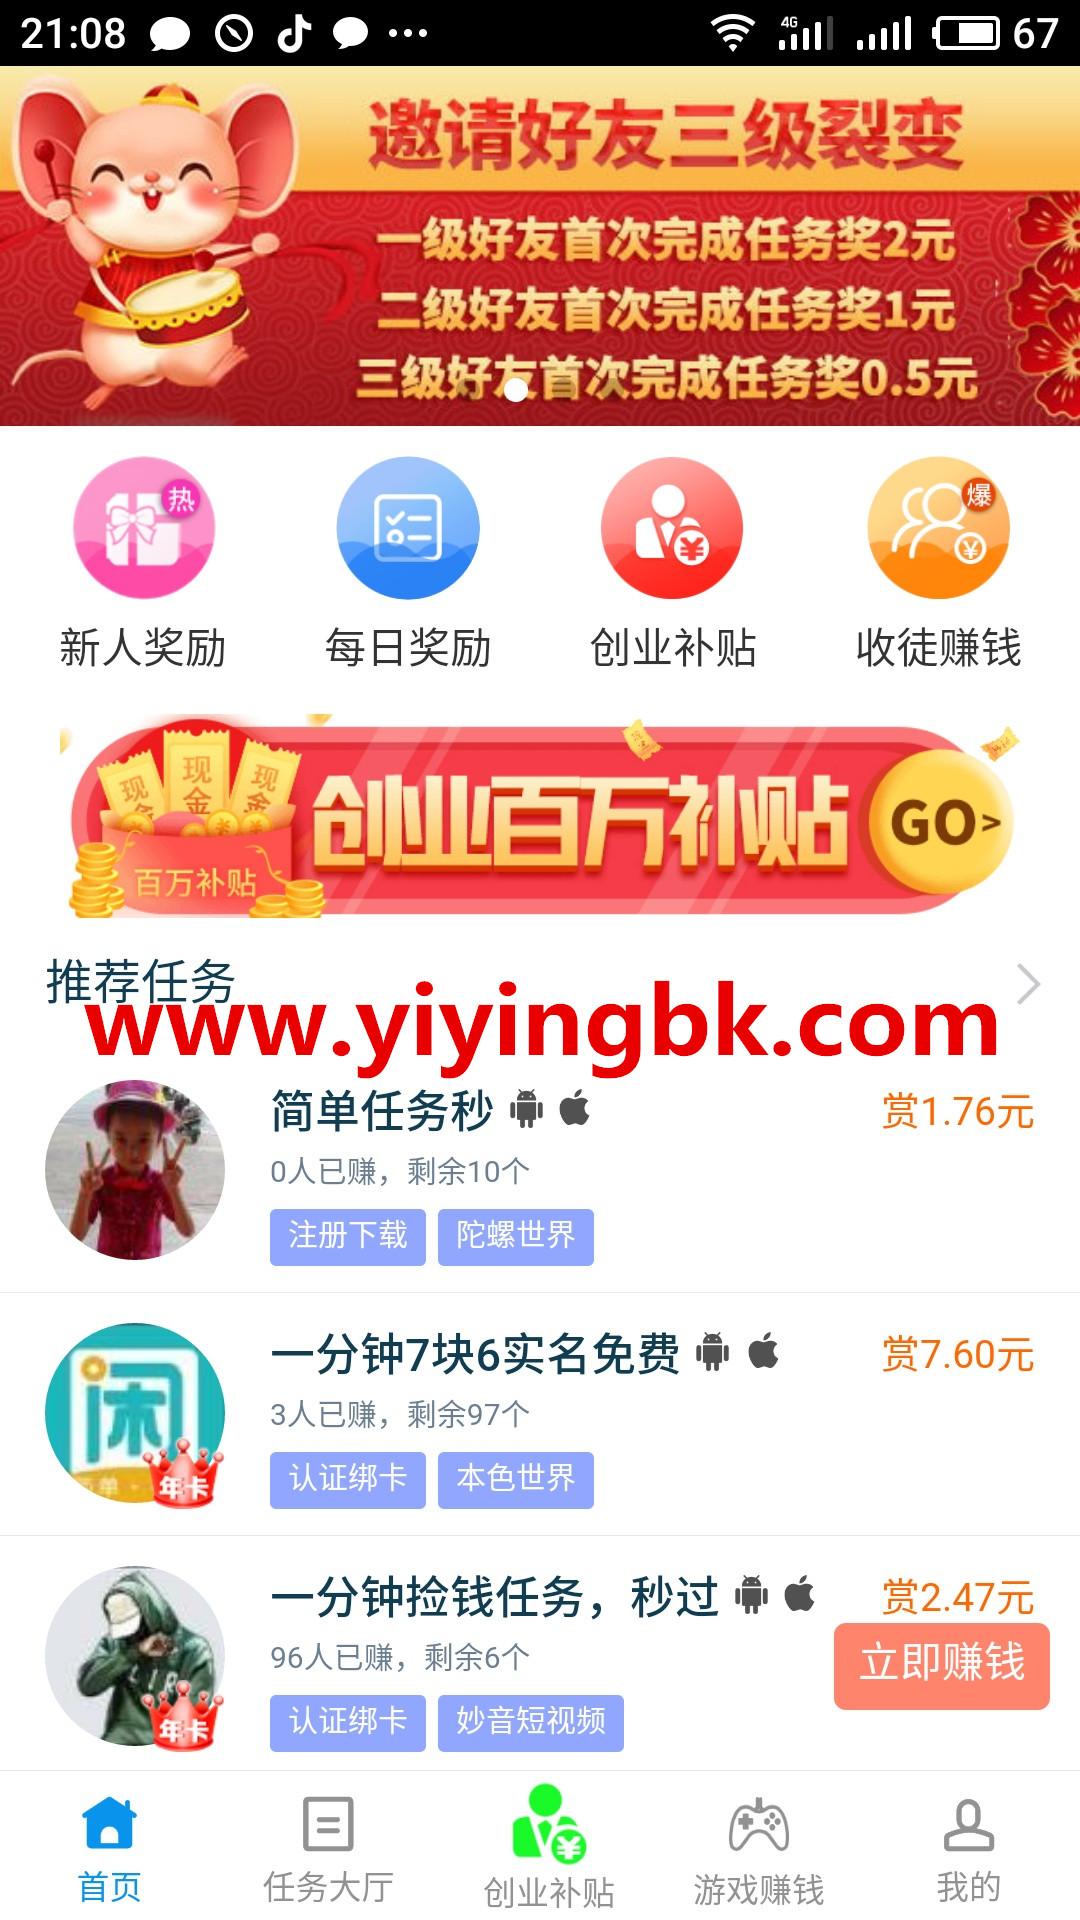 手机做任务赚钱,www.yiyingbk.com